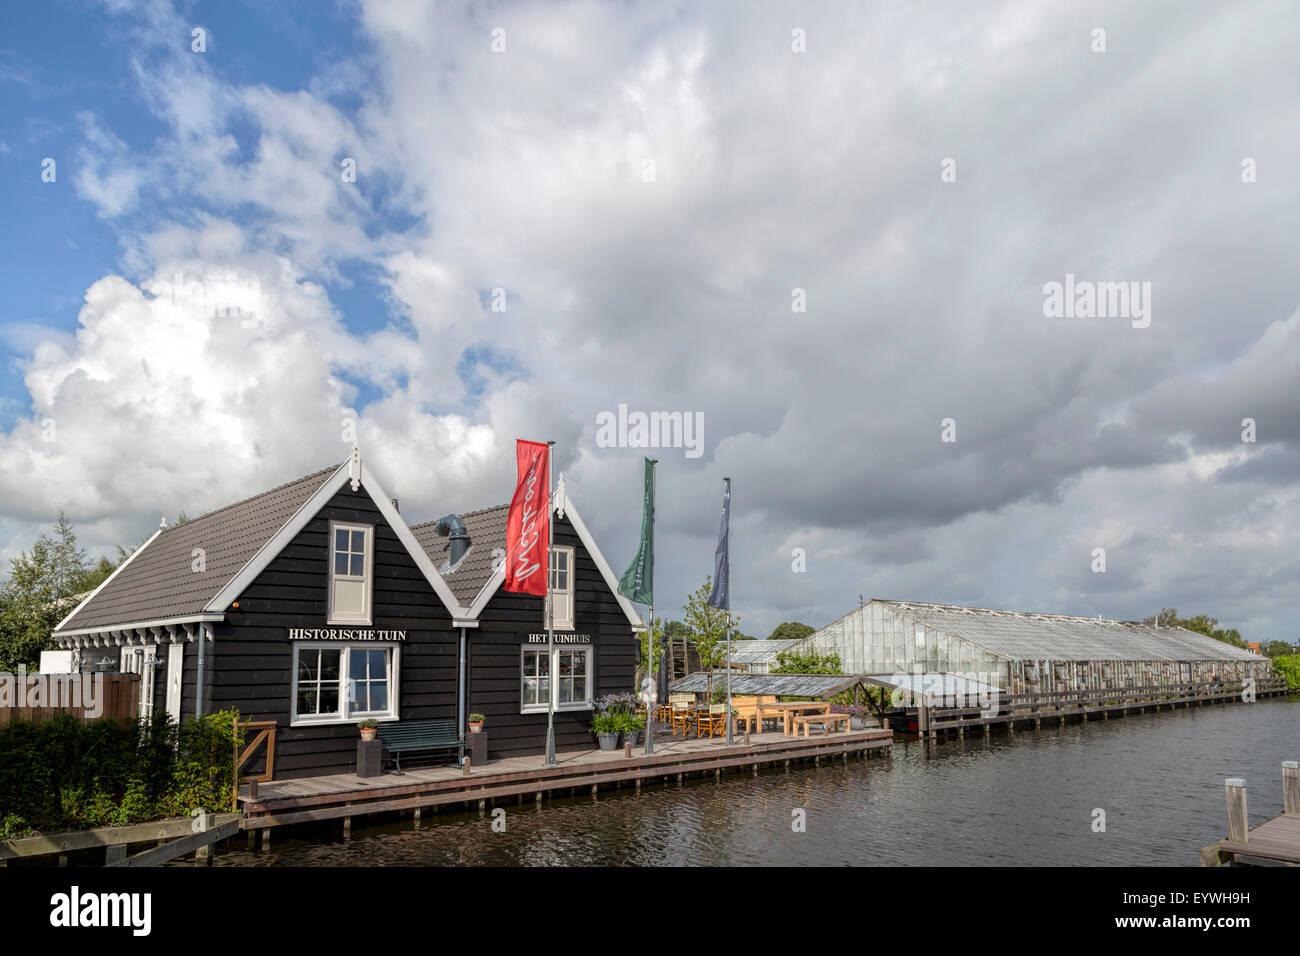 Historische Tuin Aalsmeer : Historische tuin aalsmeer u leukemensen